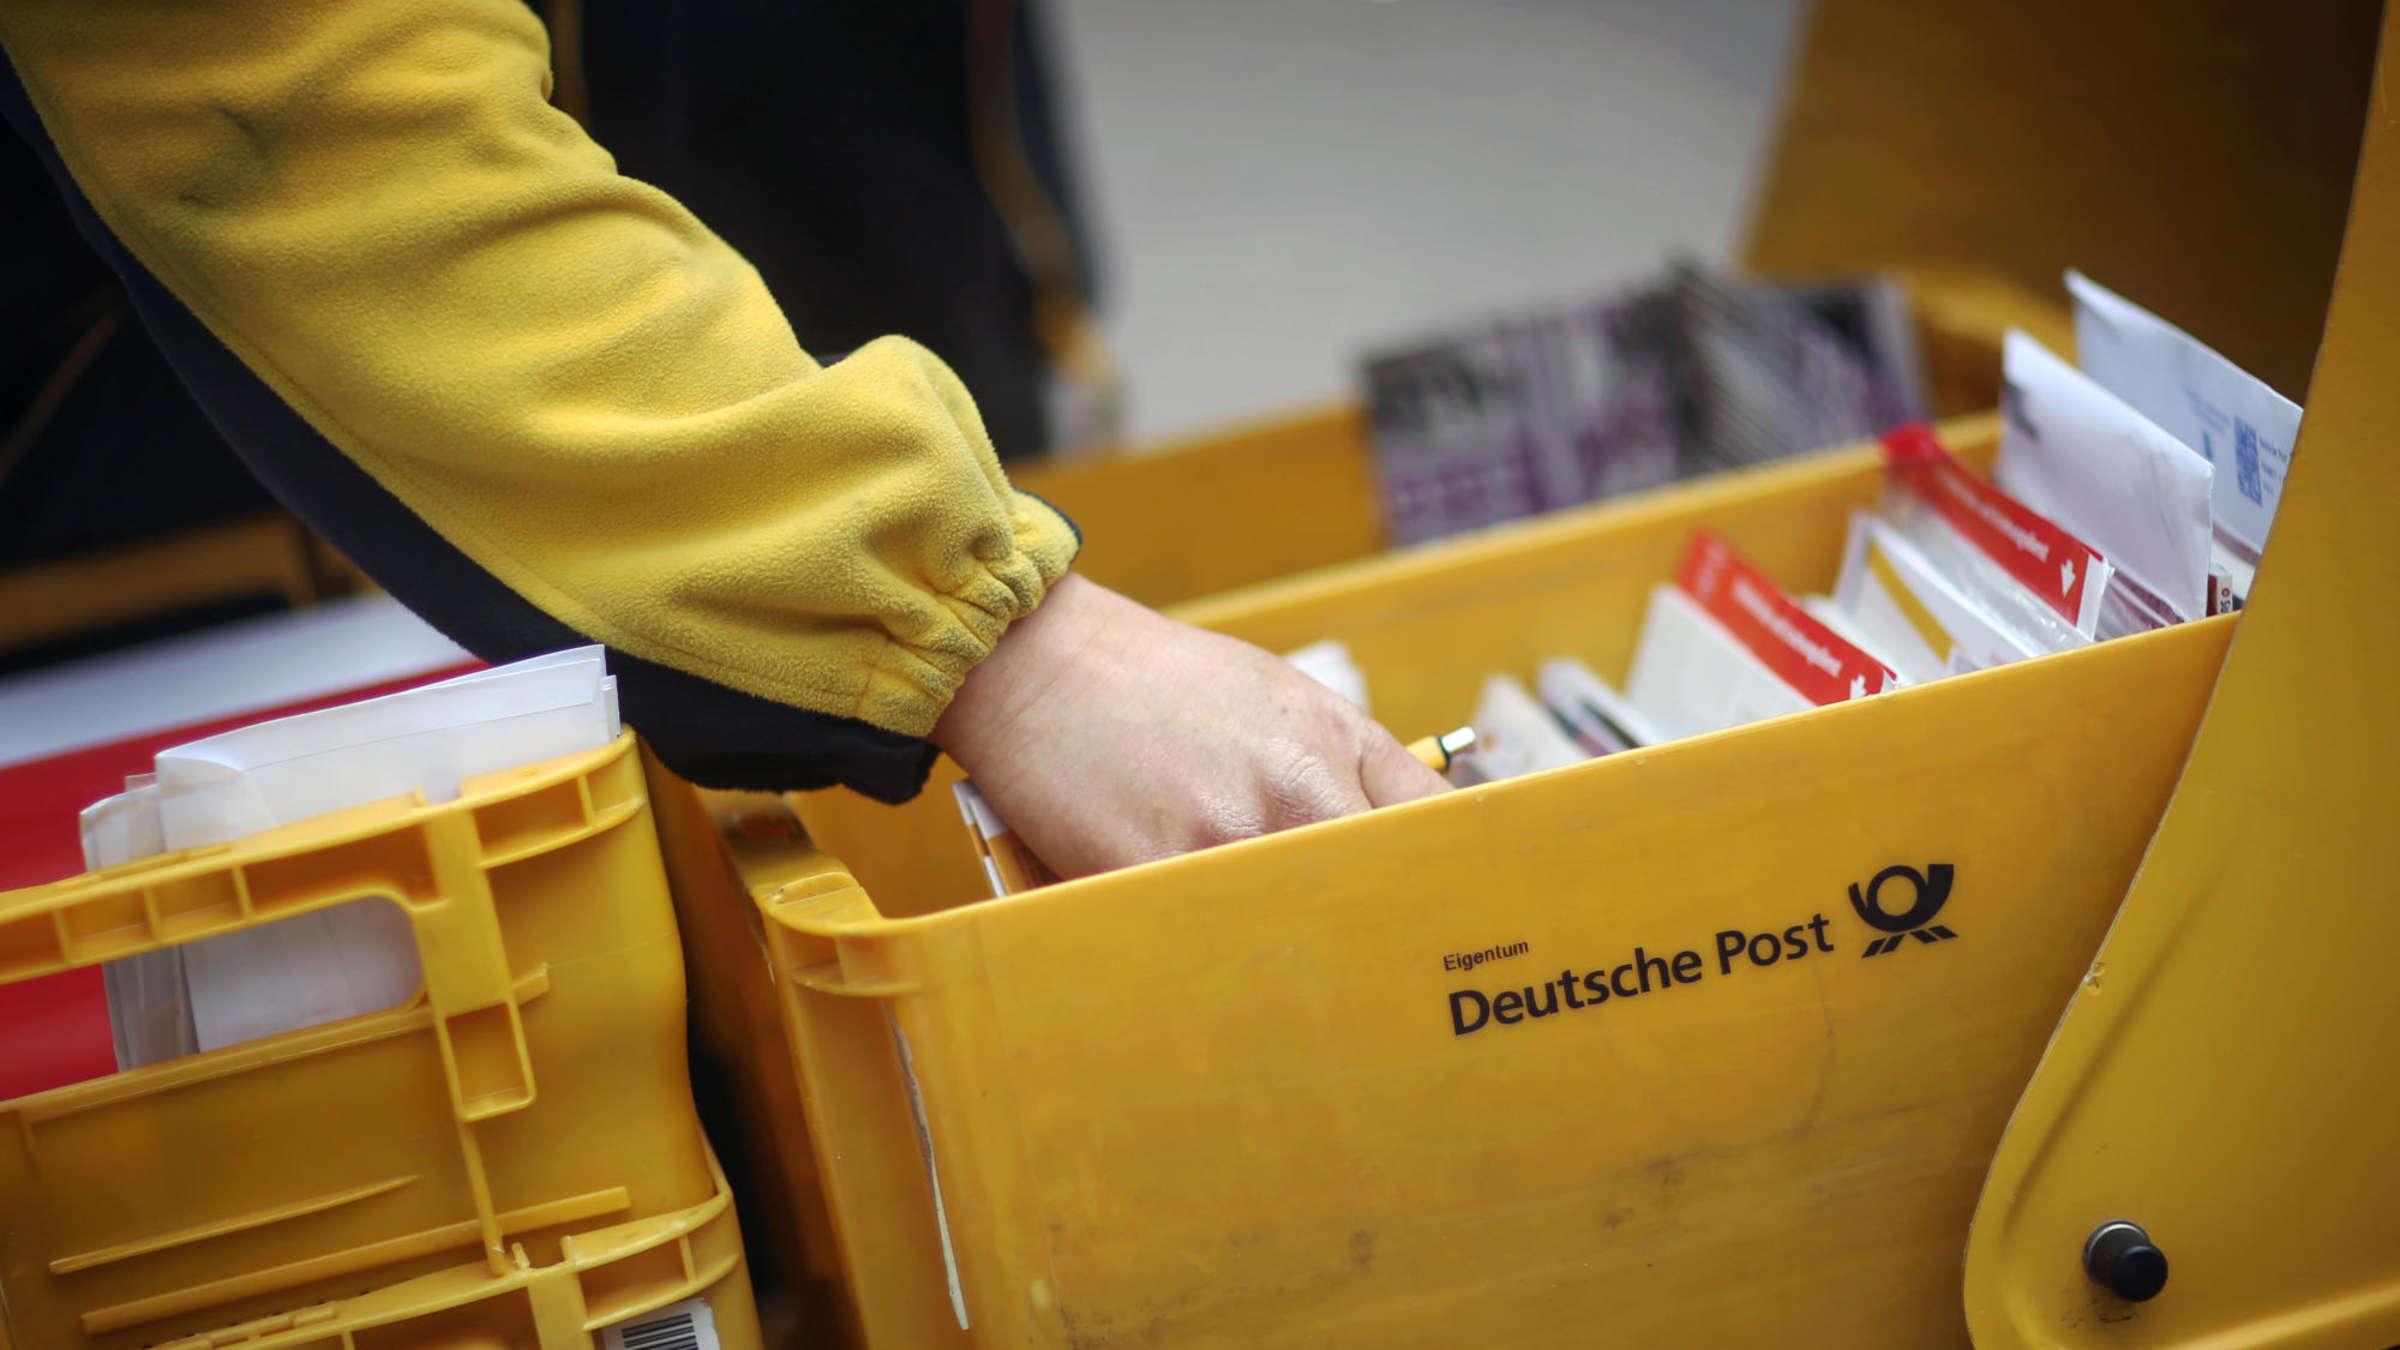 beschwerde postzustellung